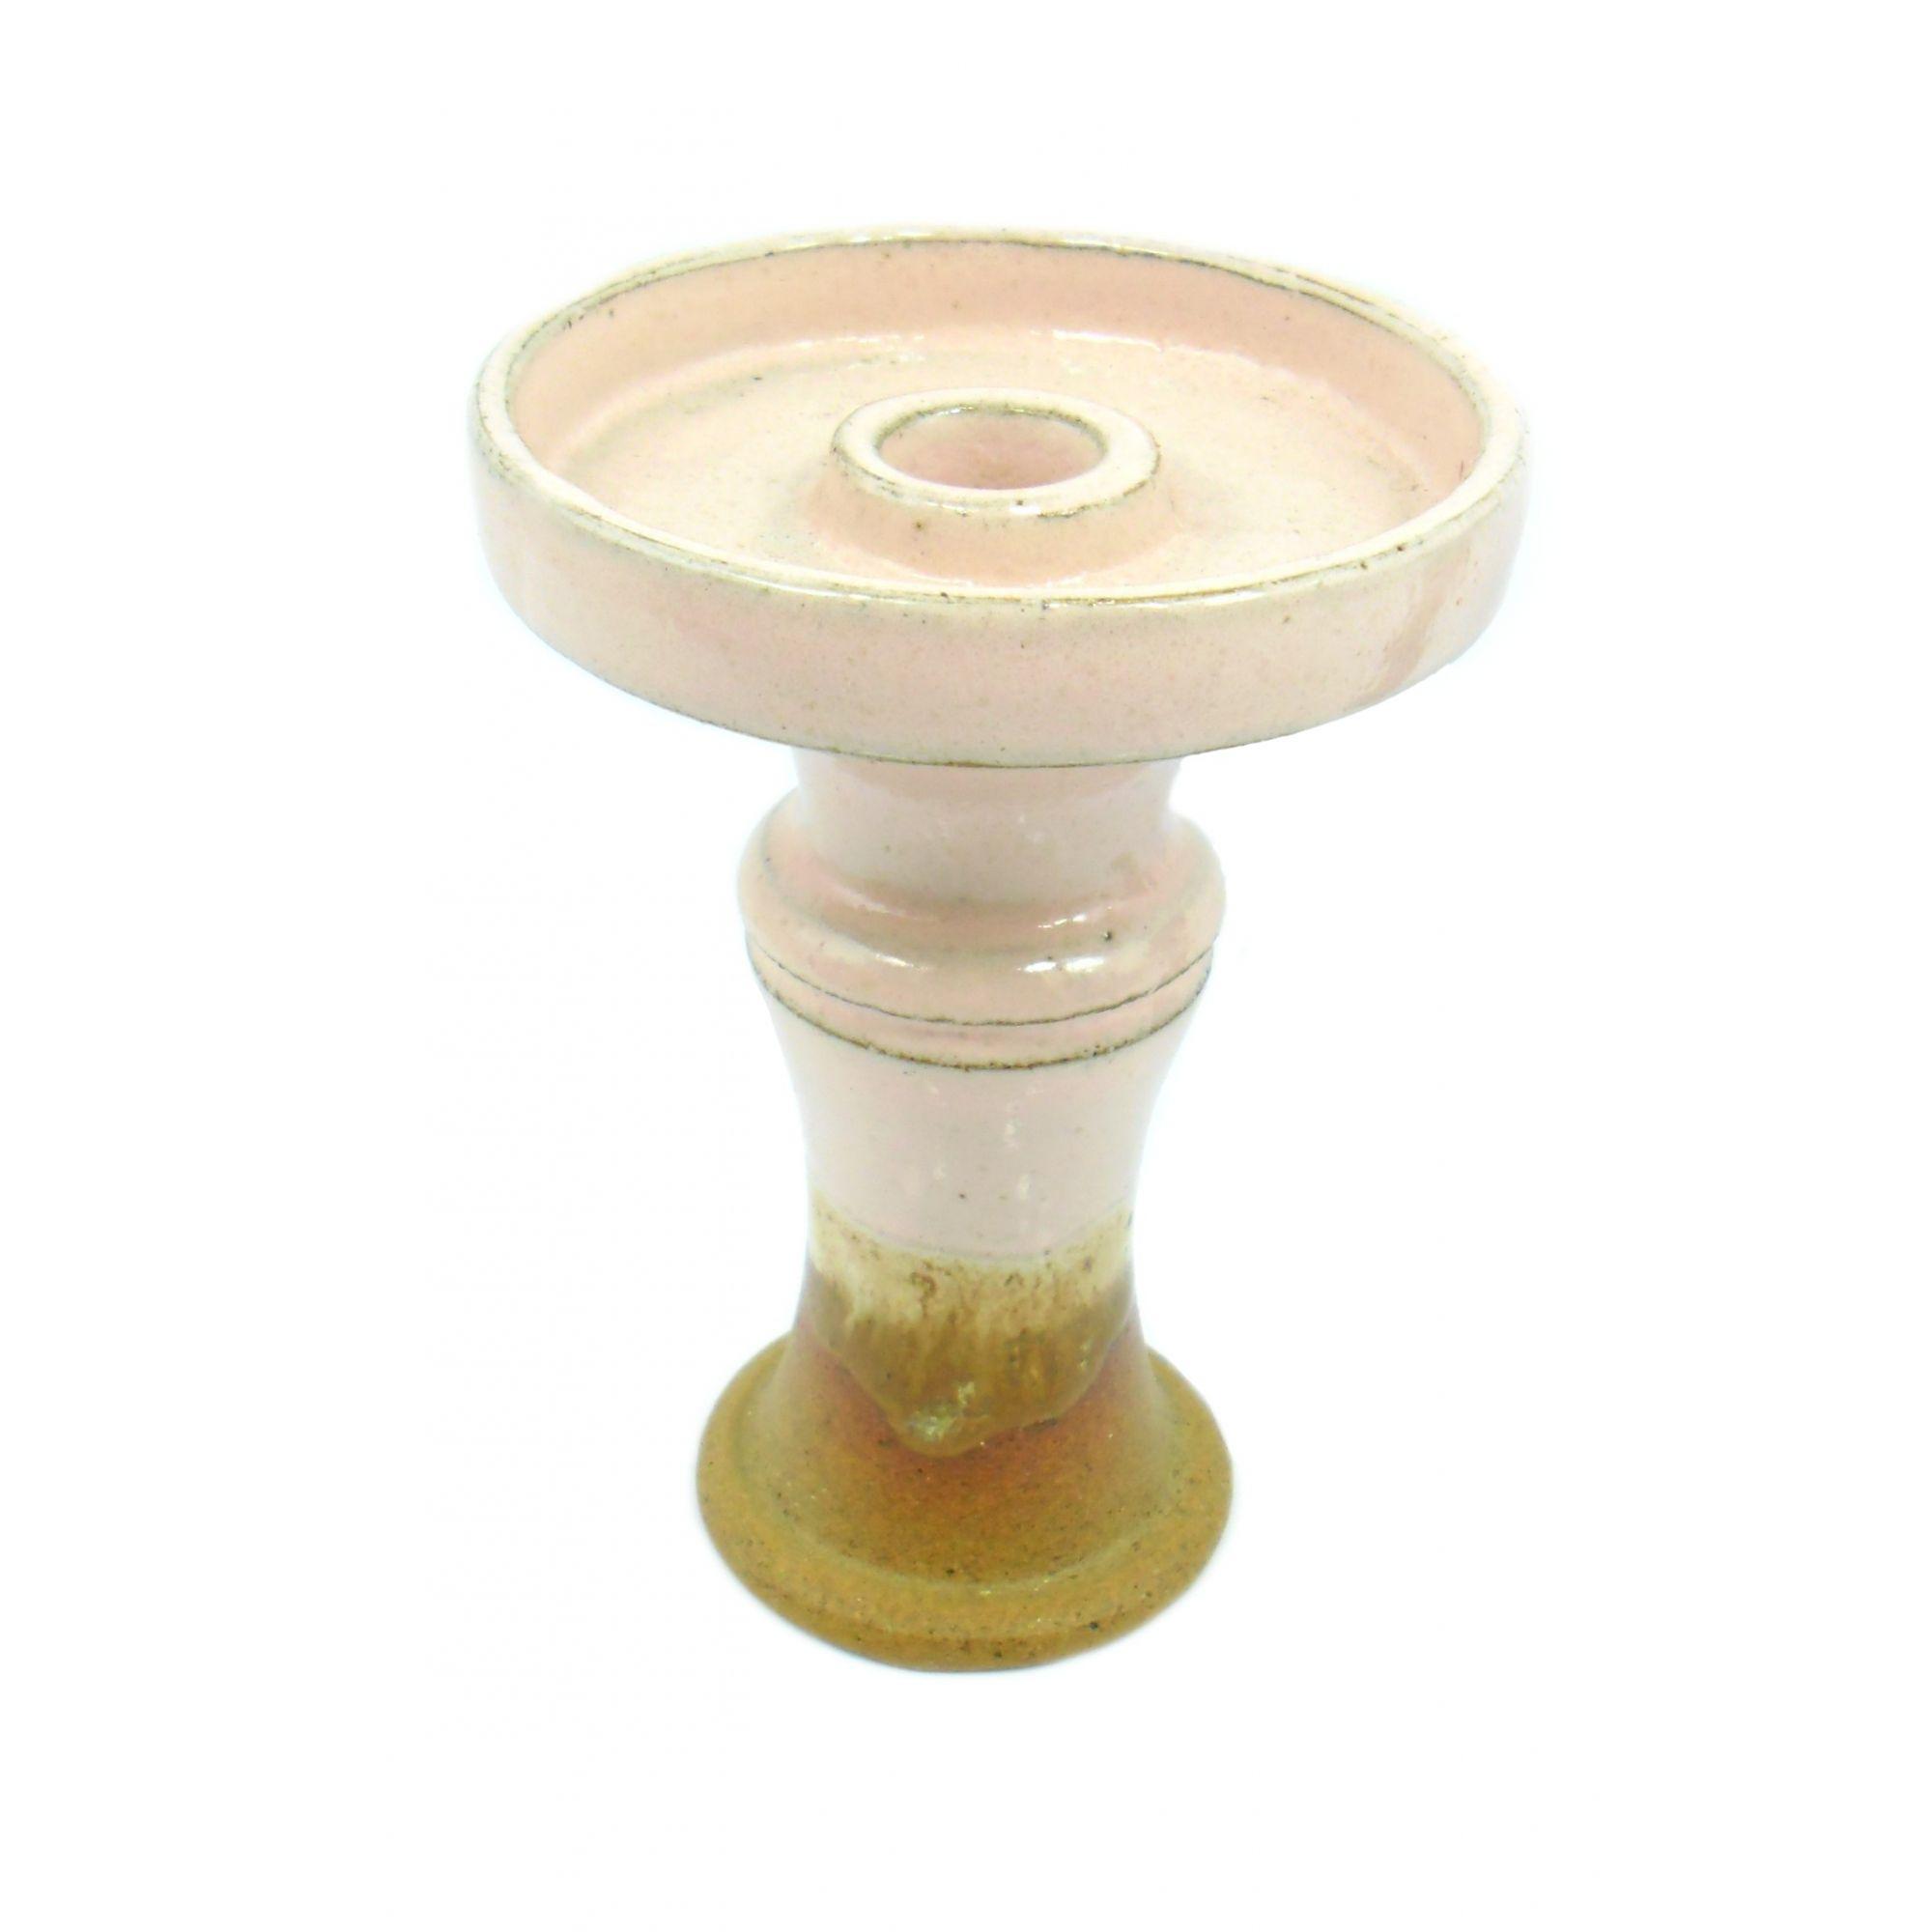 Fornilho/Rosh para narguile Mahalla Invoke (funil) encaixe fêmea,refratário,pintura artística 10,5cm Rosa e marrom